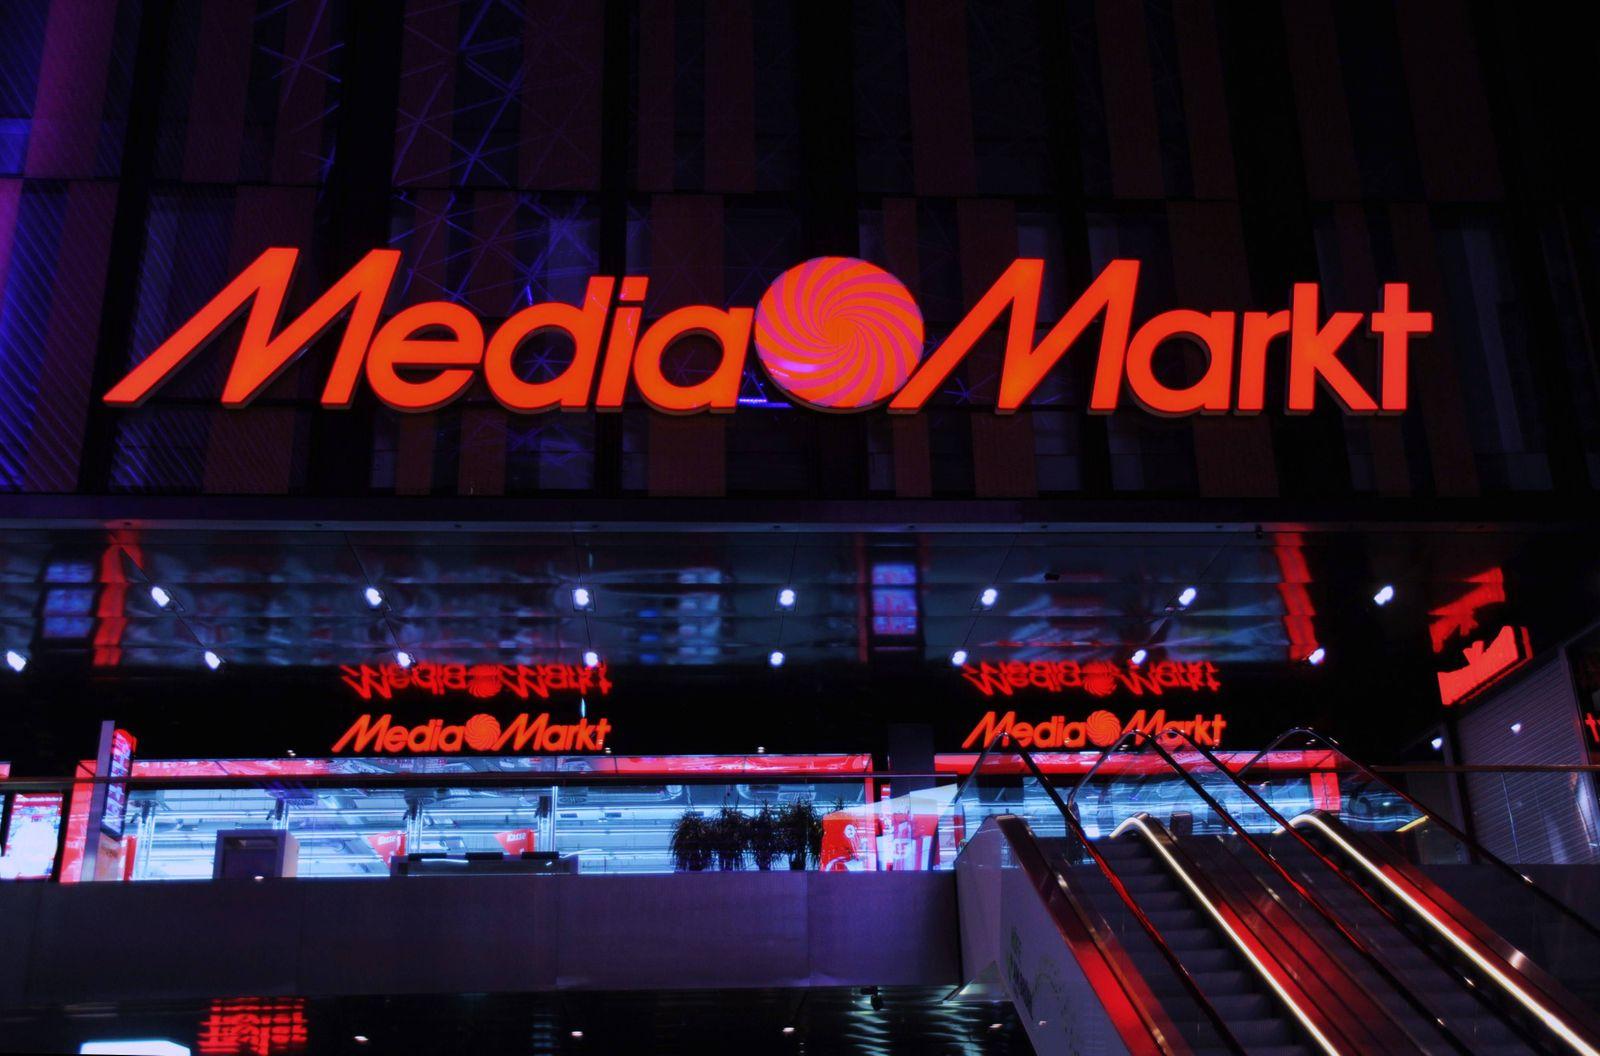 Die Media Saturn Holding GmbH MSH ist eine deutsche Elektronik Fachmarktkette Sie fasst die zuvor